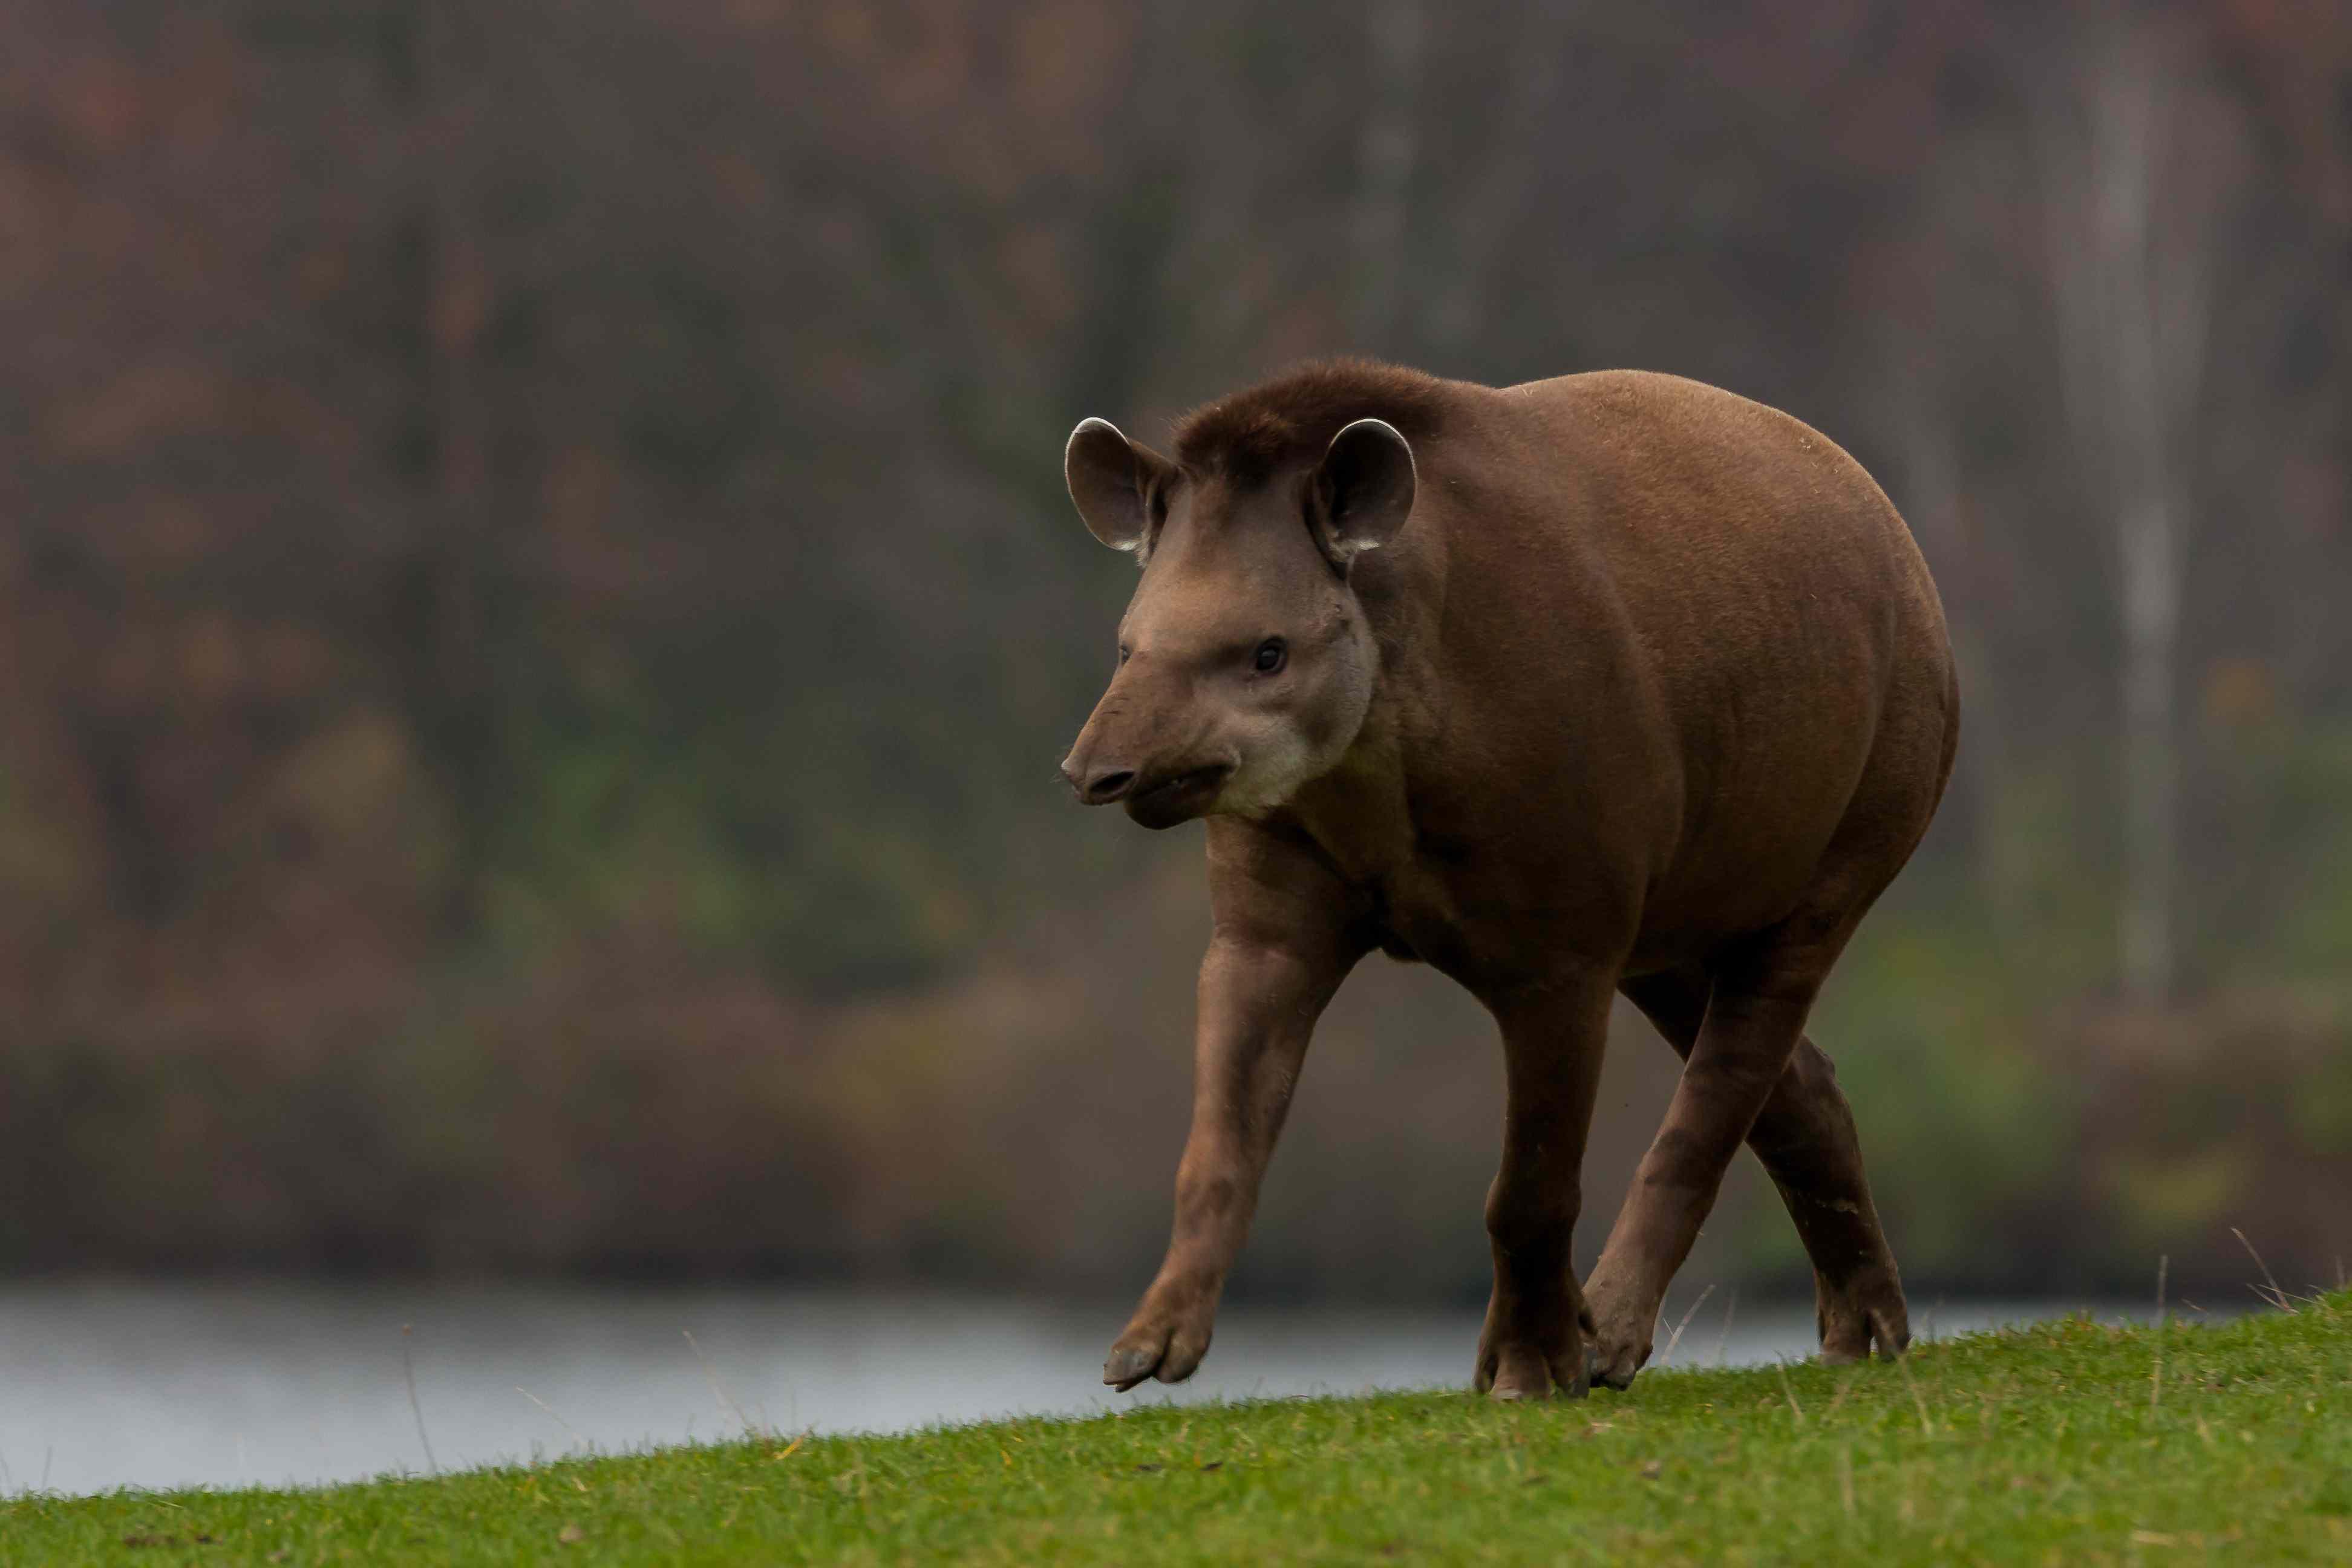 A tapir trots through grass near water